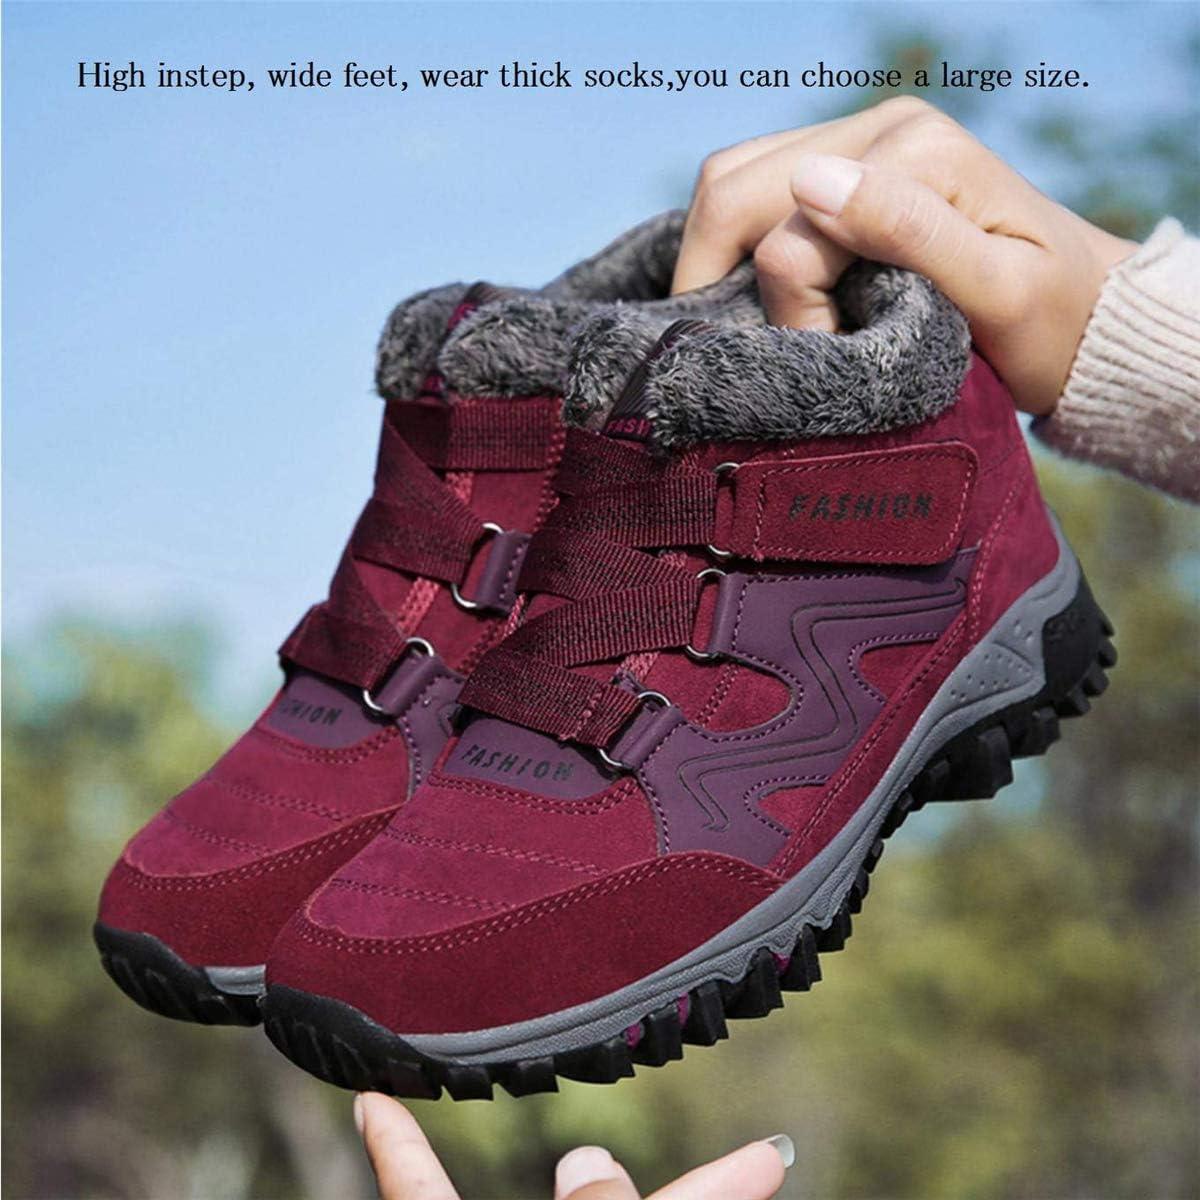 gracosy Mujer Botas de Nieve Senderismo Zapatos Antideslizantes Trekking Zapatos Invierno Piel de Forro Sneakers Transpirables